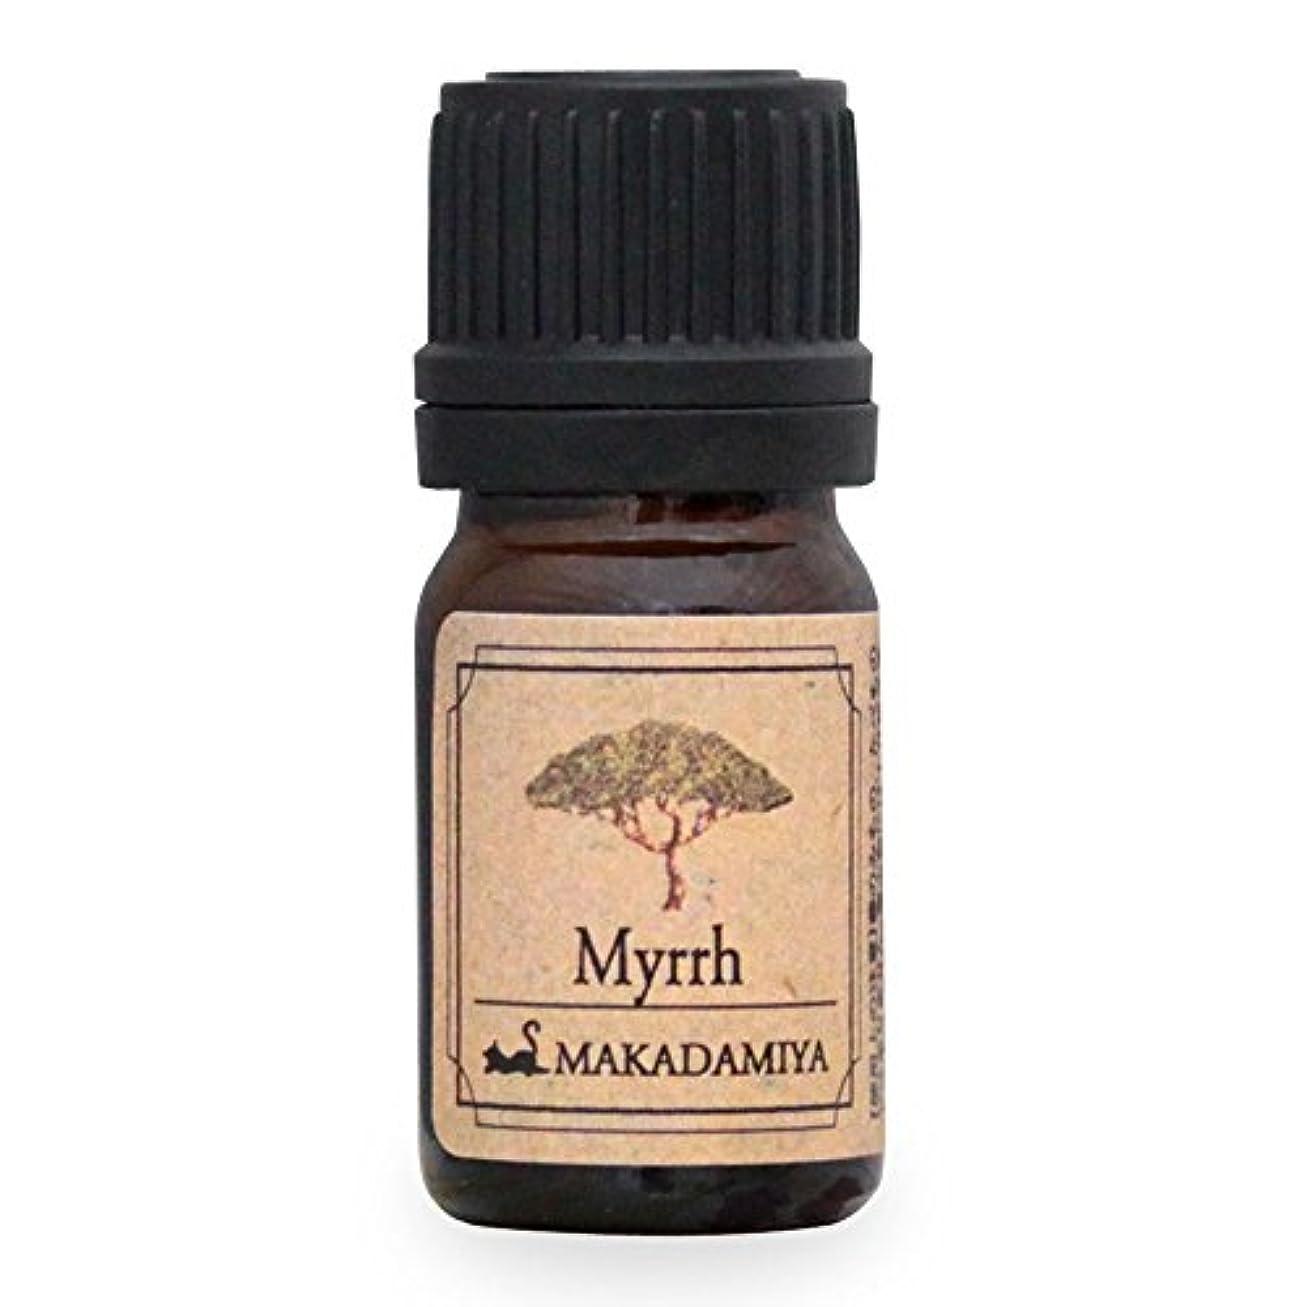 不快な子供達でミルラ5ml 天然100%植物性 エッセンシャルオイル(精油) アロマオイル アロママッサージ aroma Myrrh